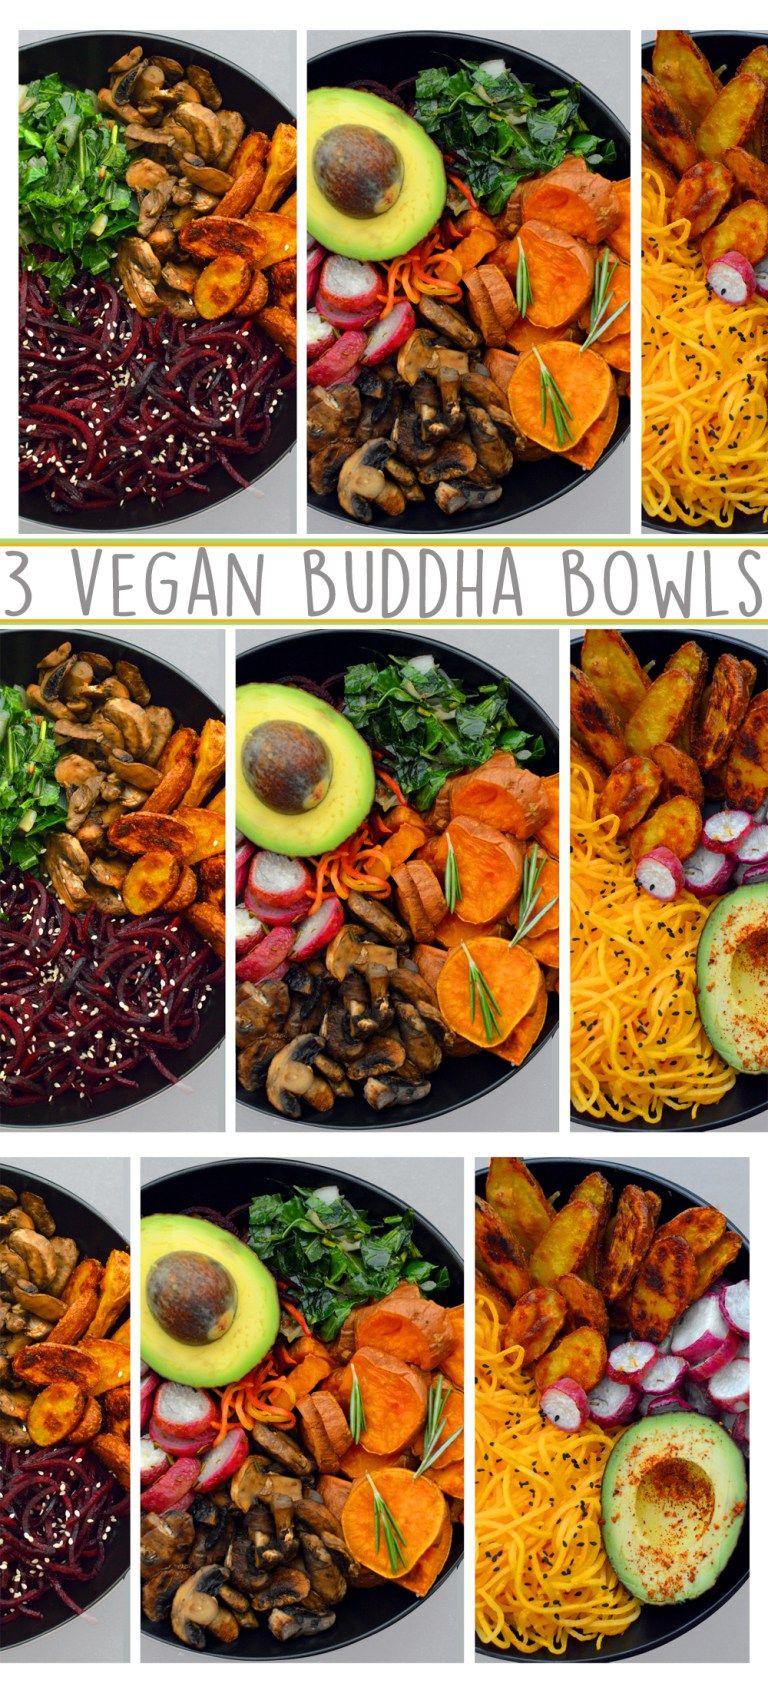 3 easy vegan buddha bowl recipes dairy free gluten free healthy 3 easy vegan buddha bowl recipes dairy free gluten free healthy easy forumfinder Images